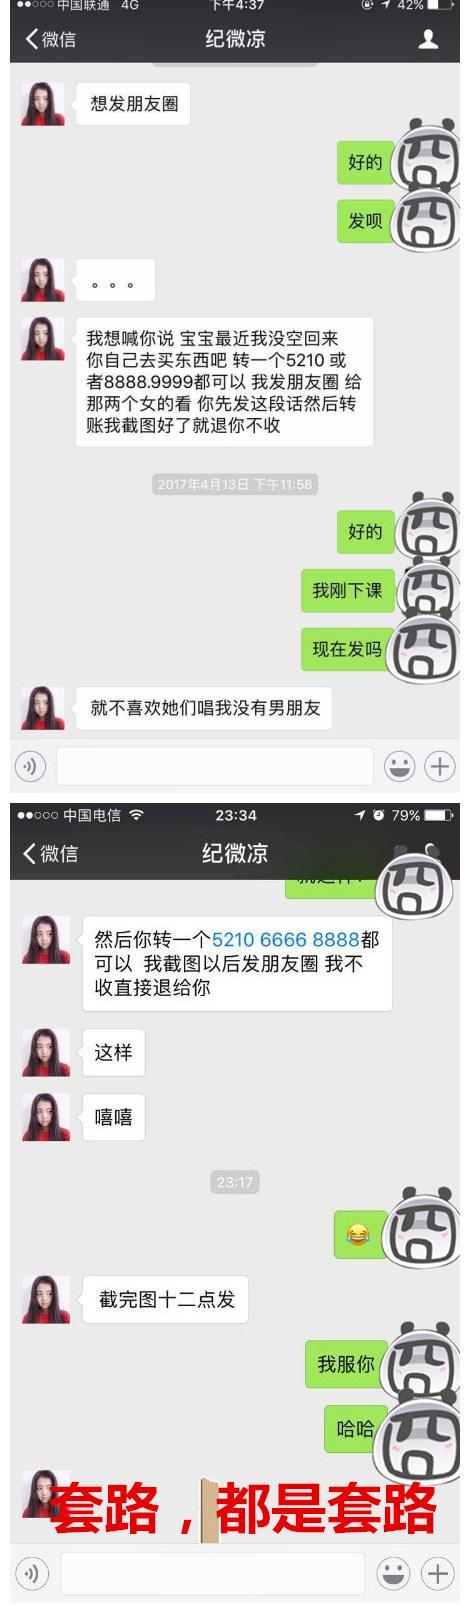 男子給女生微信轉帳5200元被封鎖 其實對方是男的